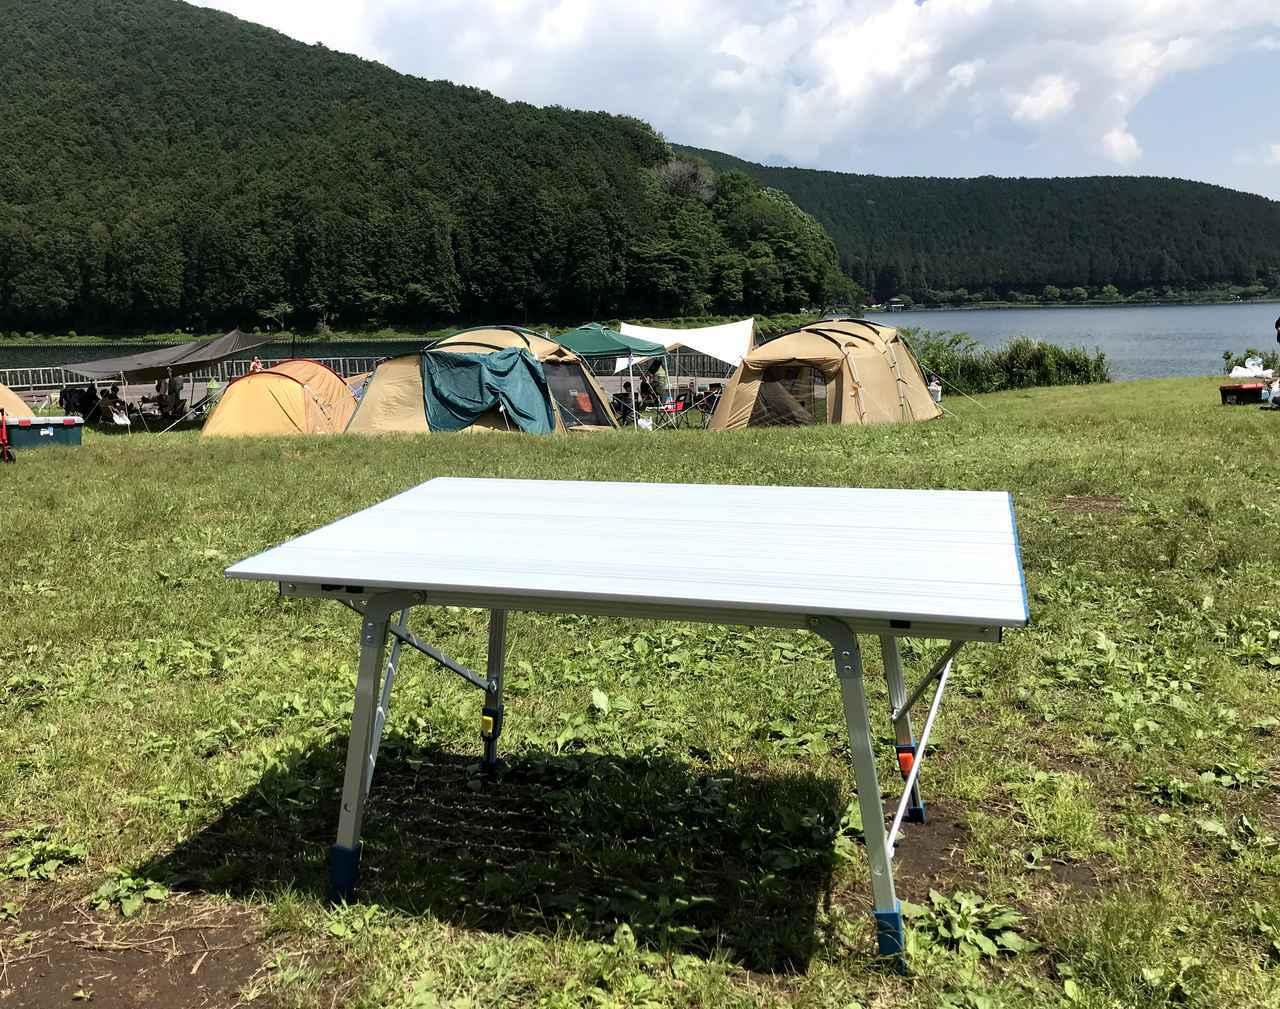 画像: デカトロン QUECHUA (ケシュア)アルミ折りたたみテーブルは無段階調節可能だからどんな地面でもOK!ファミリーキャンプにオススメ - ハピキャン|キャンプ・アウトドア情報メディア